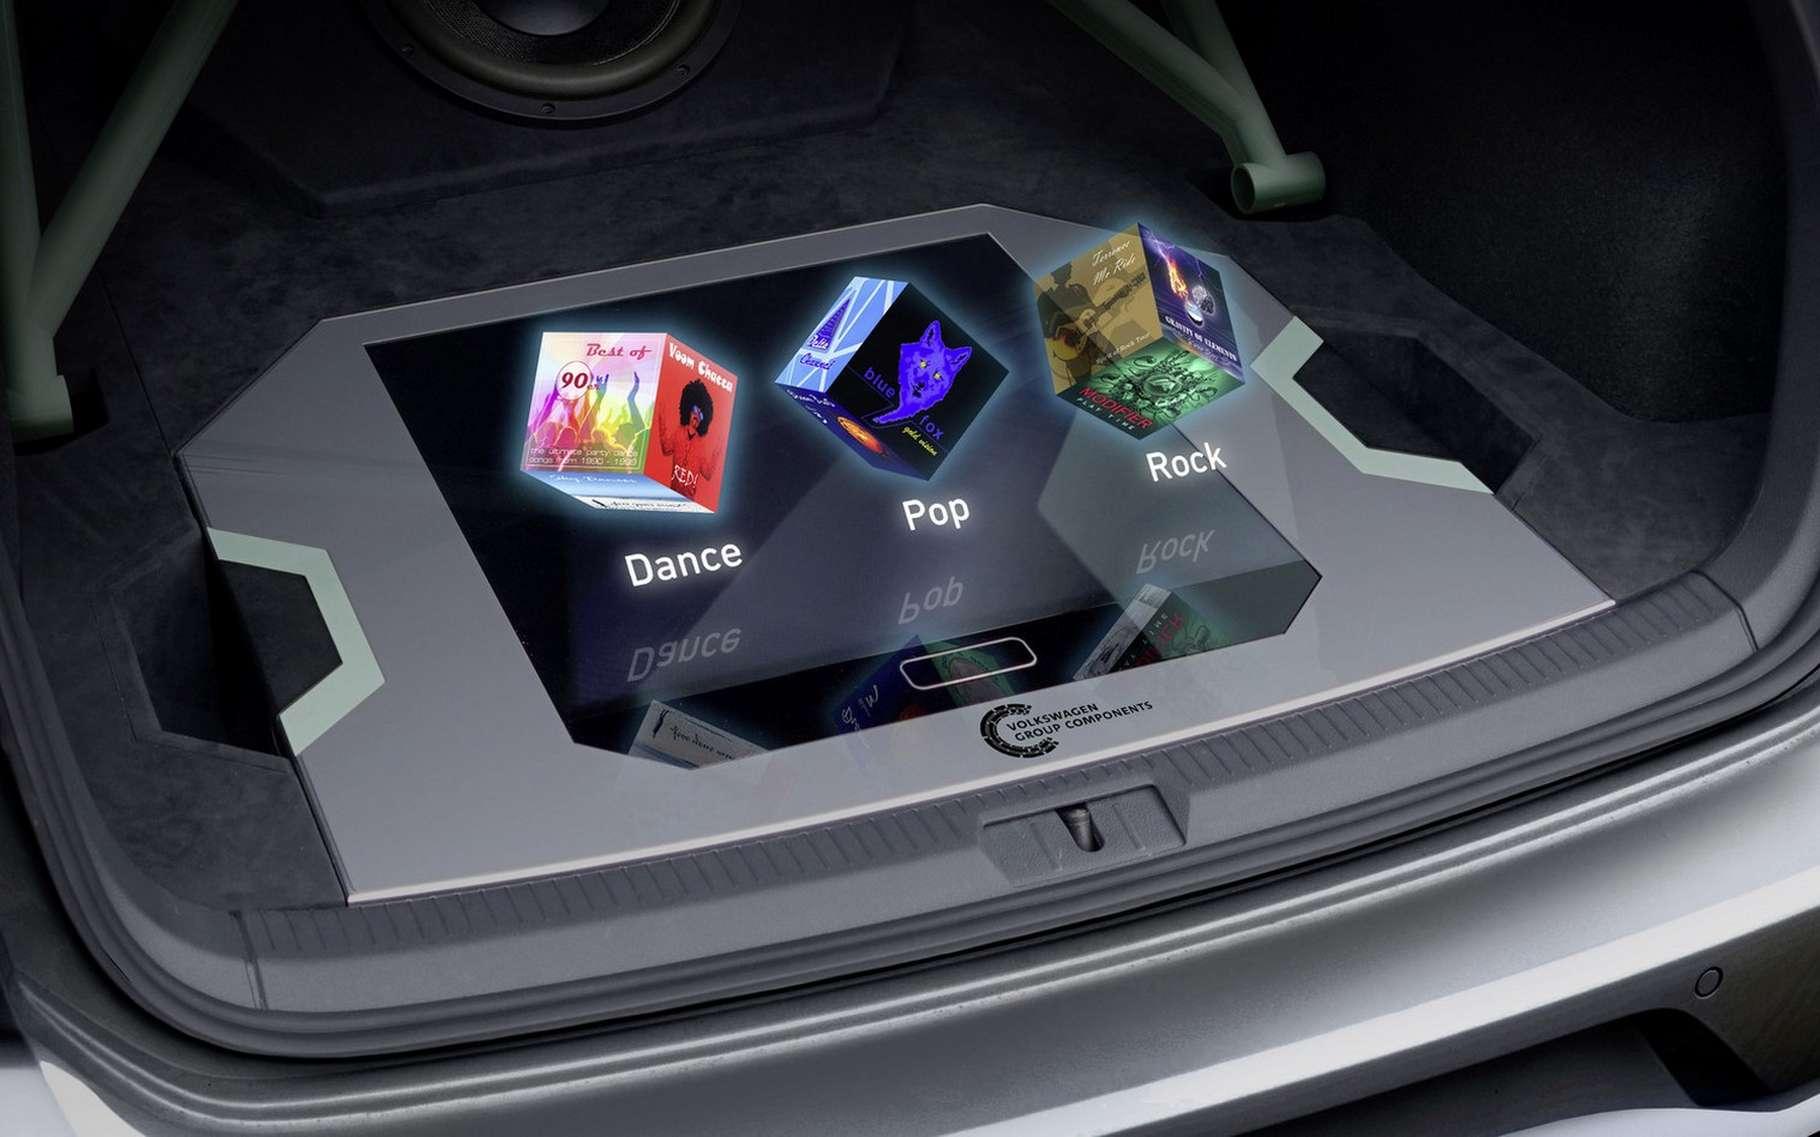 L'affichage 3D de l'autoradio de la Golf GTI Aurora de Volkswagen ne nécessite pas de lunettes spéciales. © Volkswagen